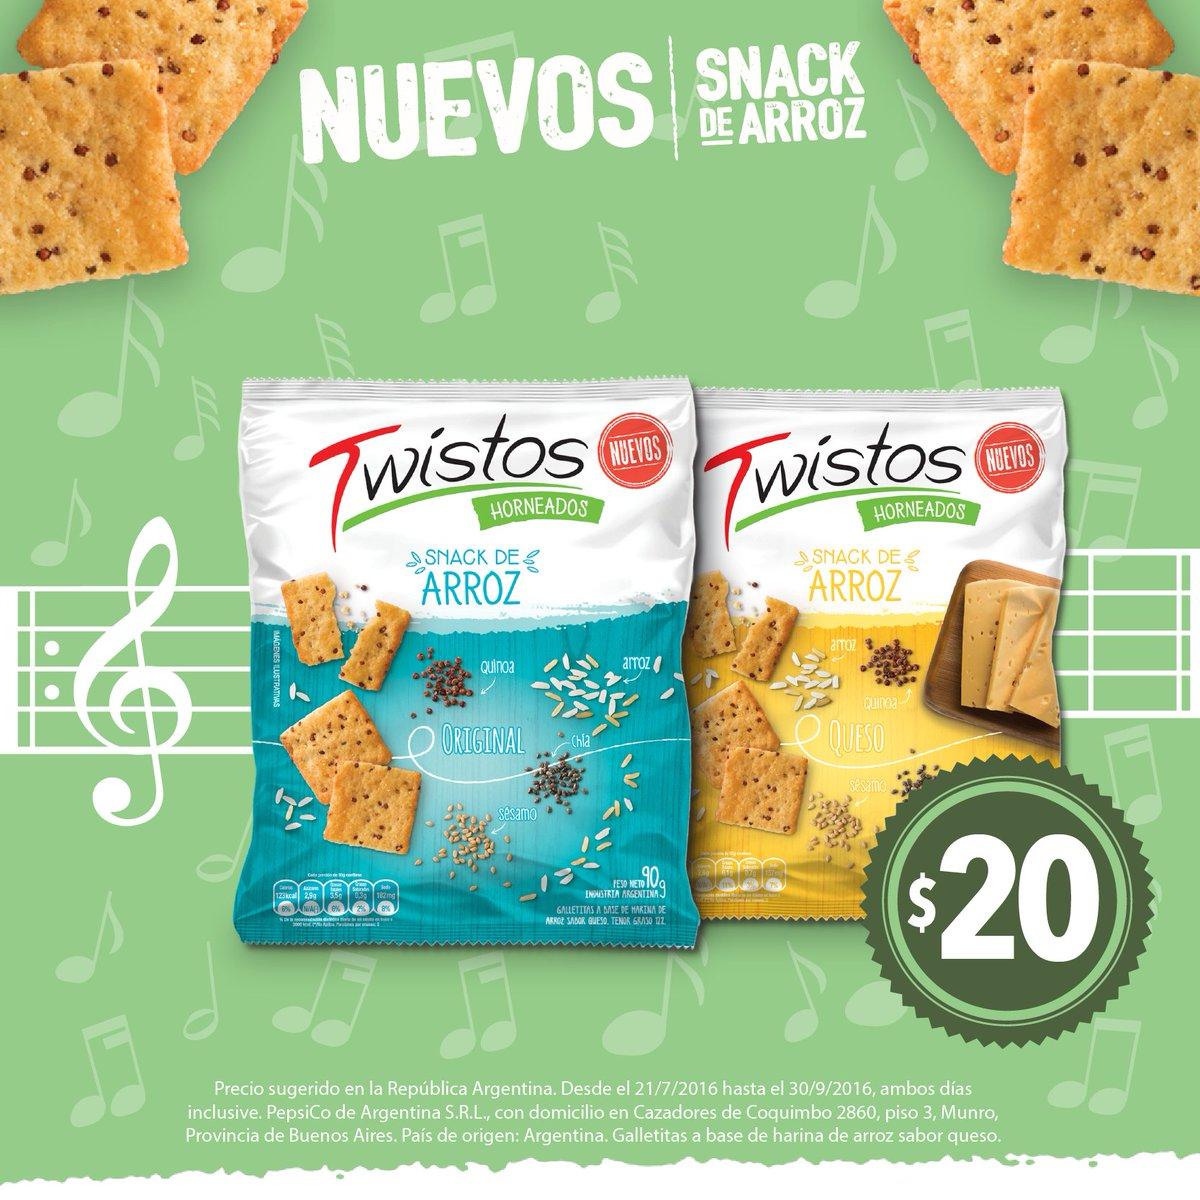 Nuevos Twistos snack de arroz. Ricos, livianos y crocantes. ¡Te van a encantar! #ArrozConTwistos #TeCantaLaPosta https://t.co/nEozyn7ZmW